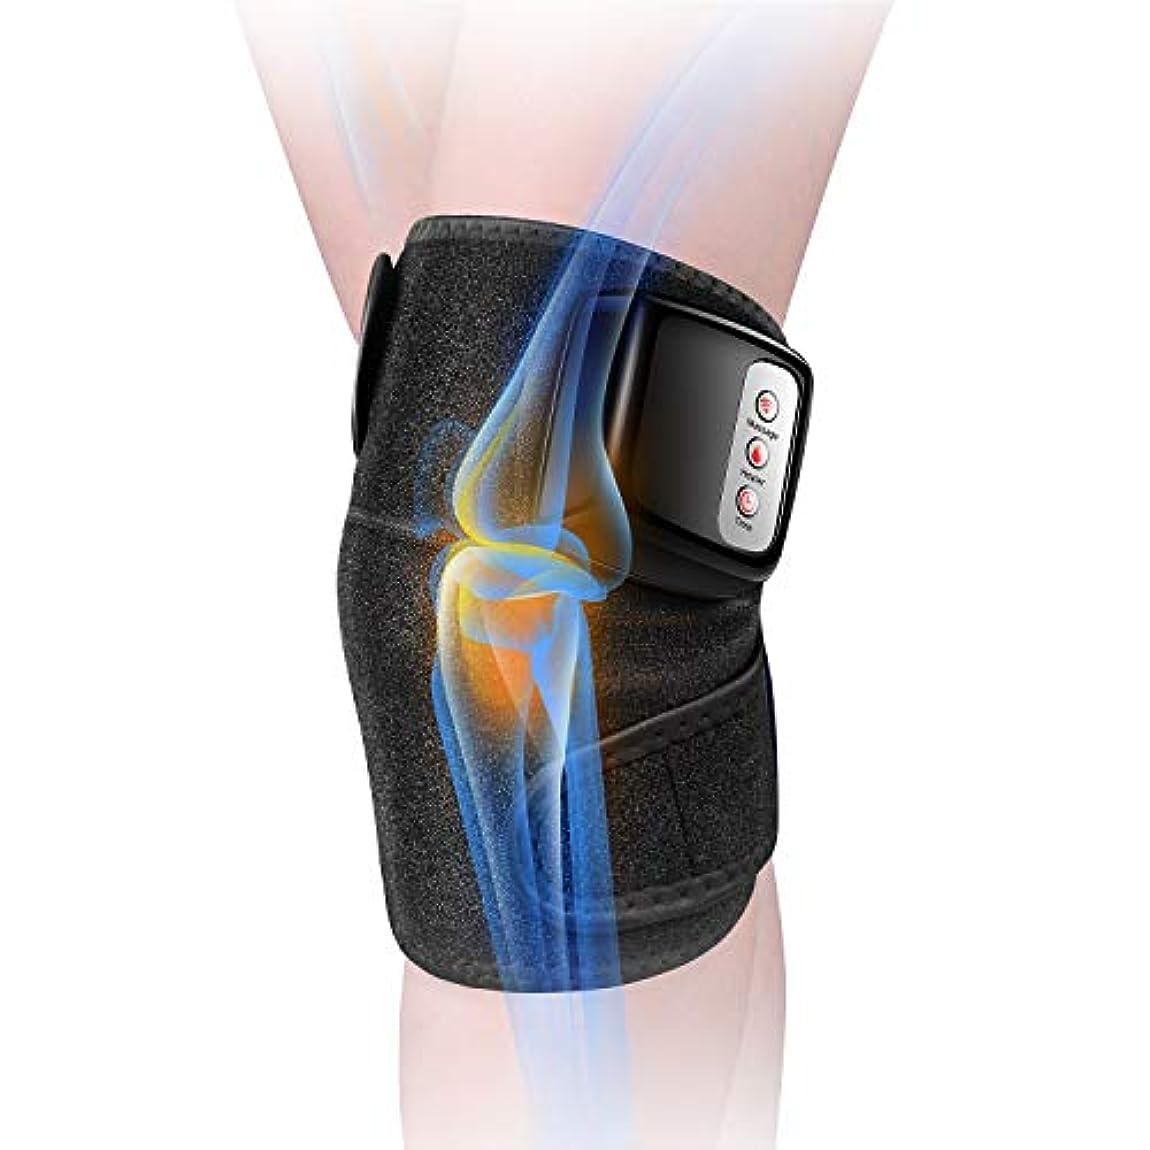 無視するペン飼料膝マッサージャー 関節マッサージャー マッサージ器 フットマッサージャー 振動 赤外線療法 温熱療法 膝サポーター ストレス解消 肩 太もも/腕対応